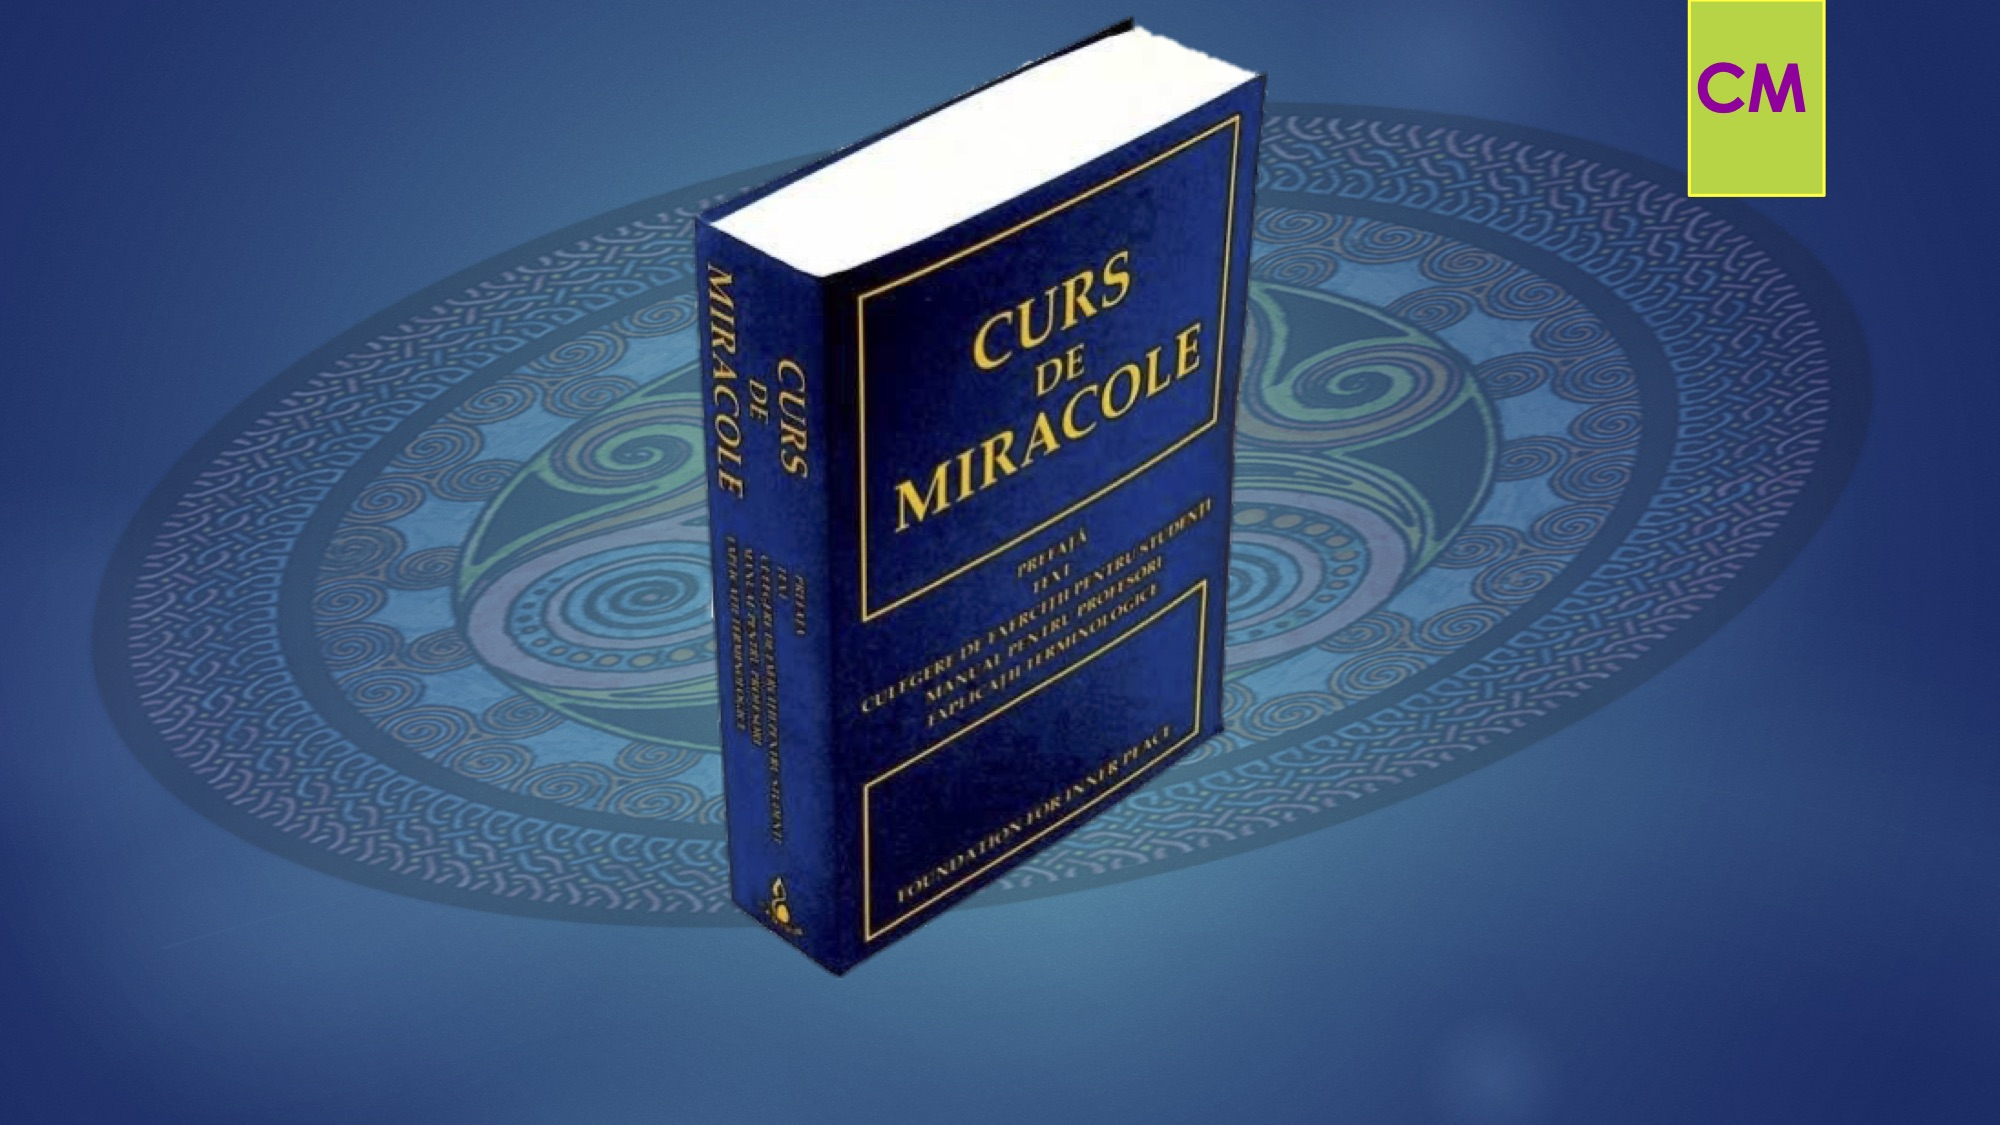 Curs de miracole-Explicații Terminologice